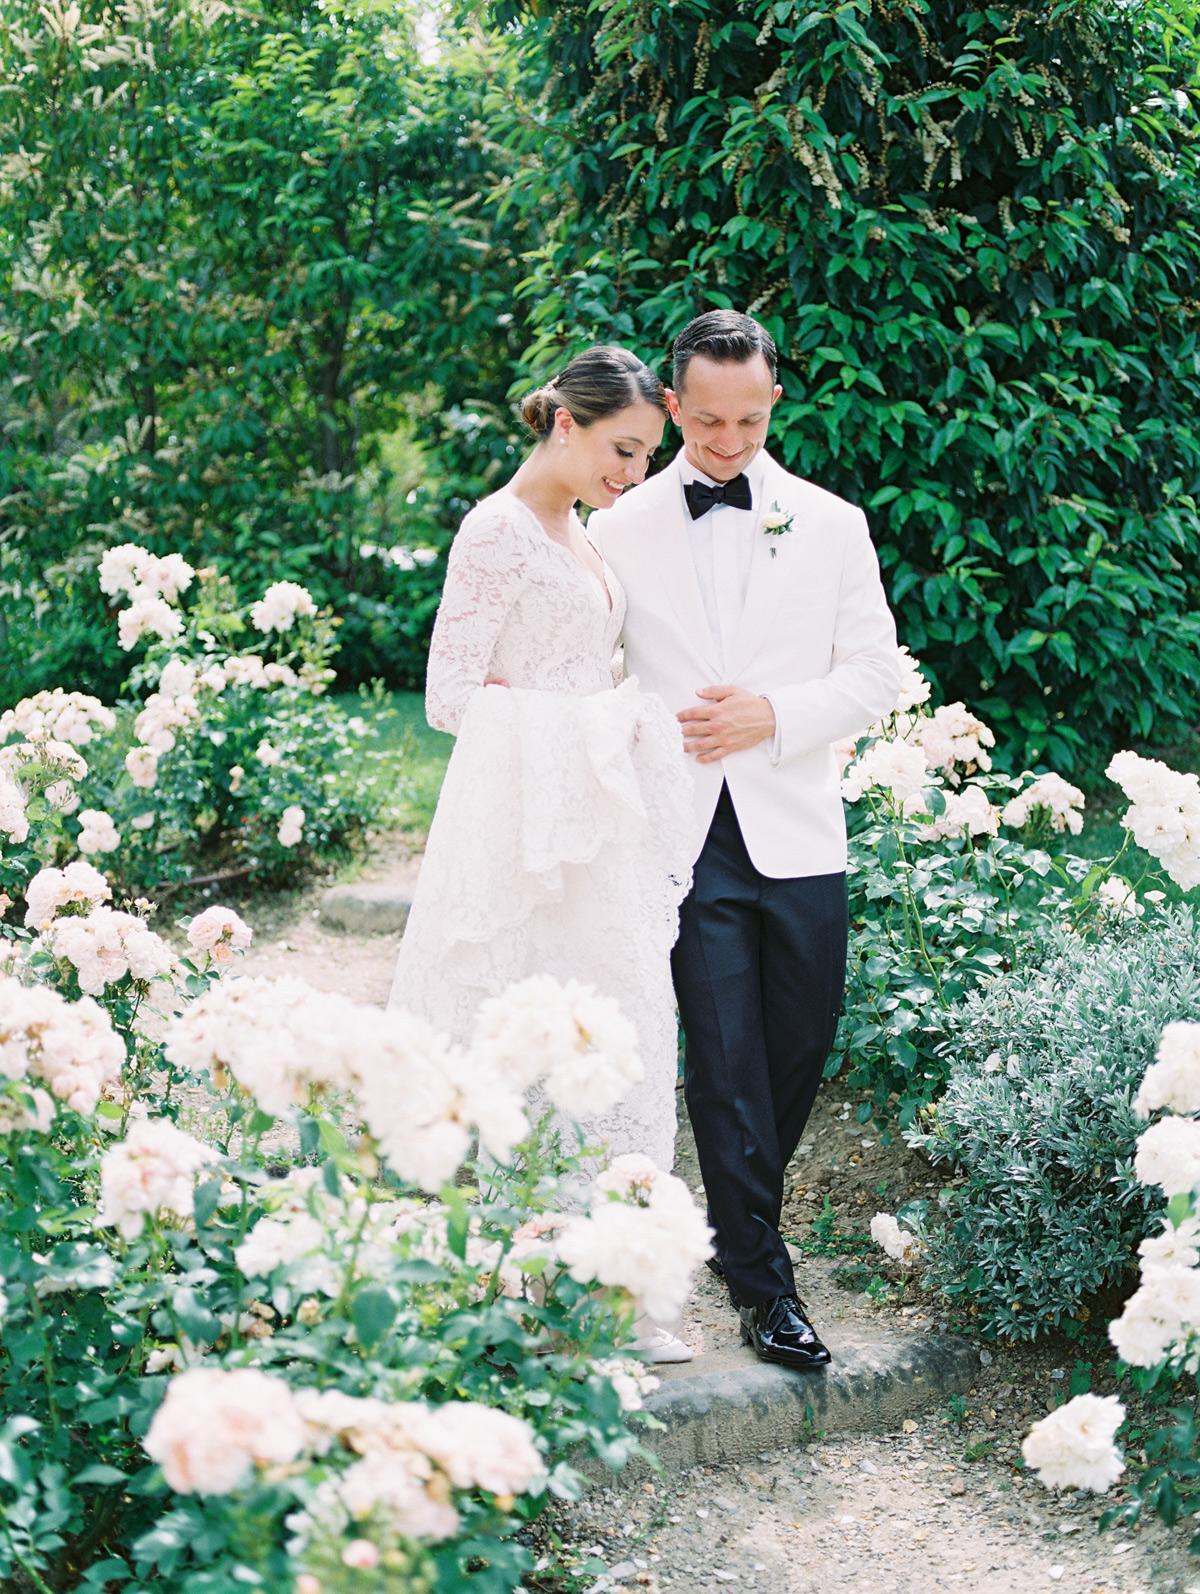 saghar ben wedding couple walking through garden